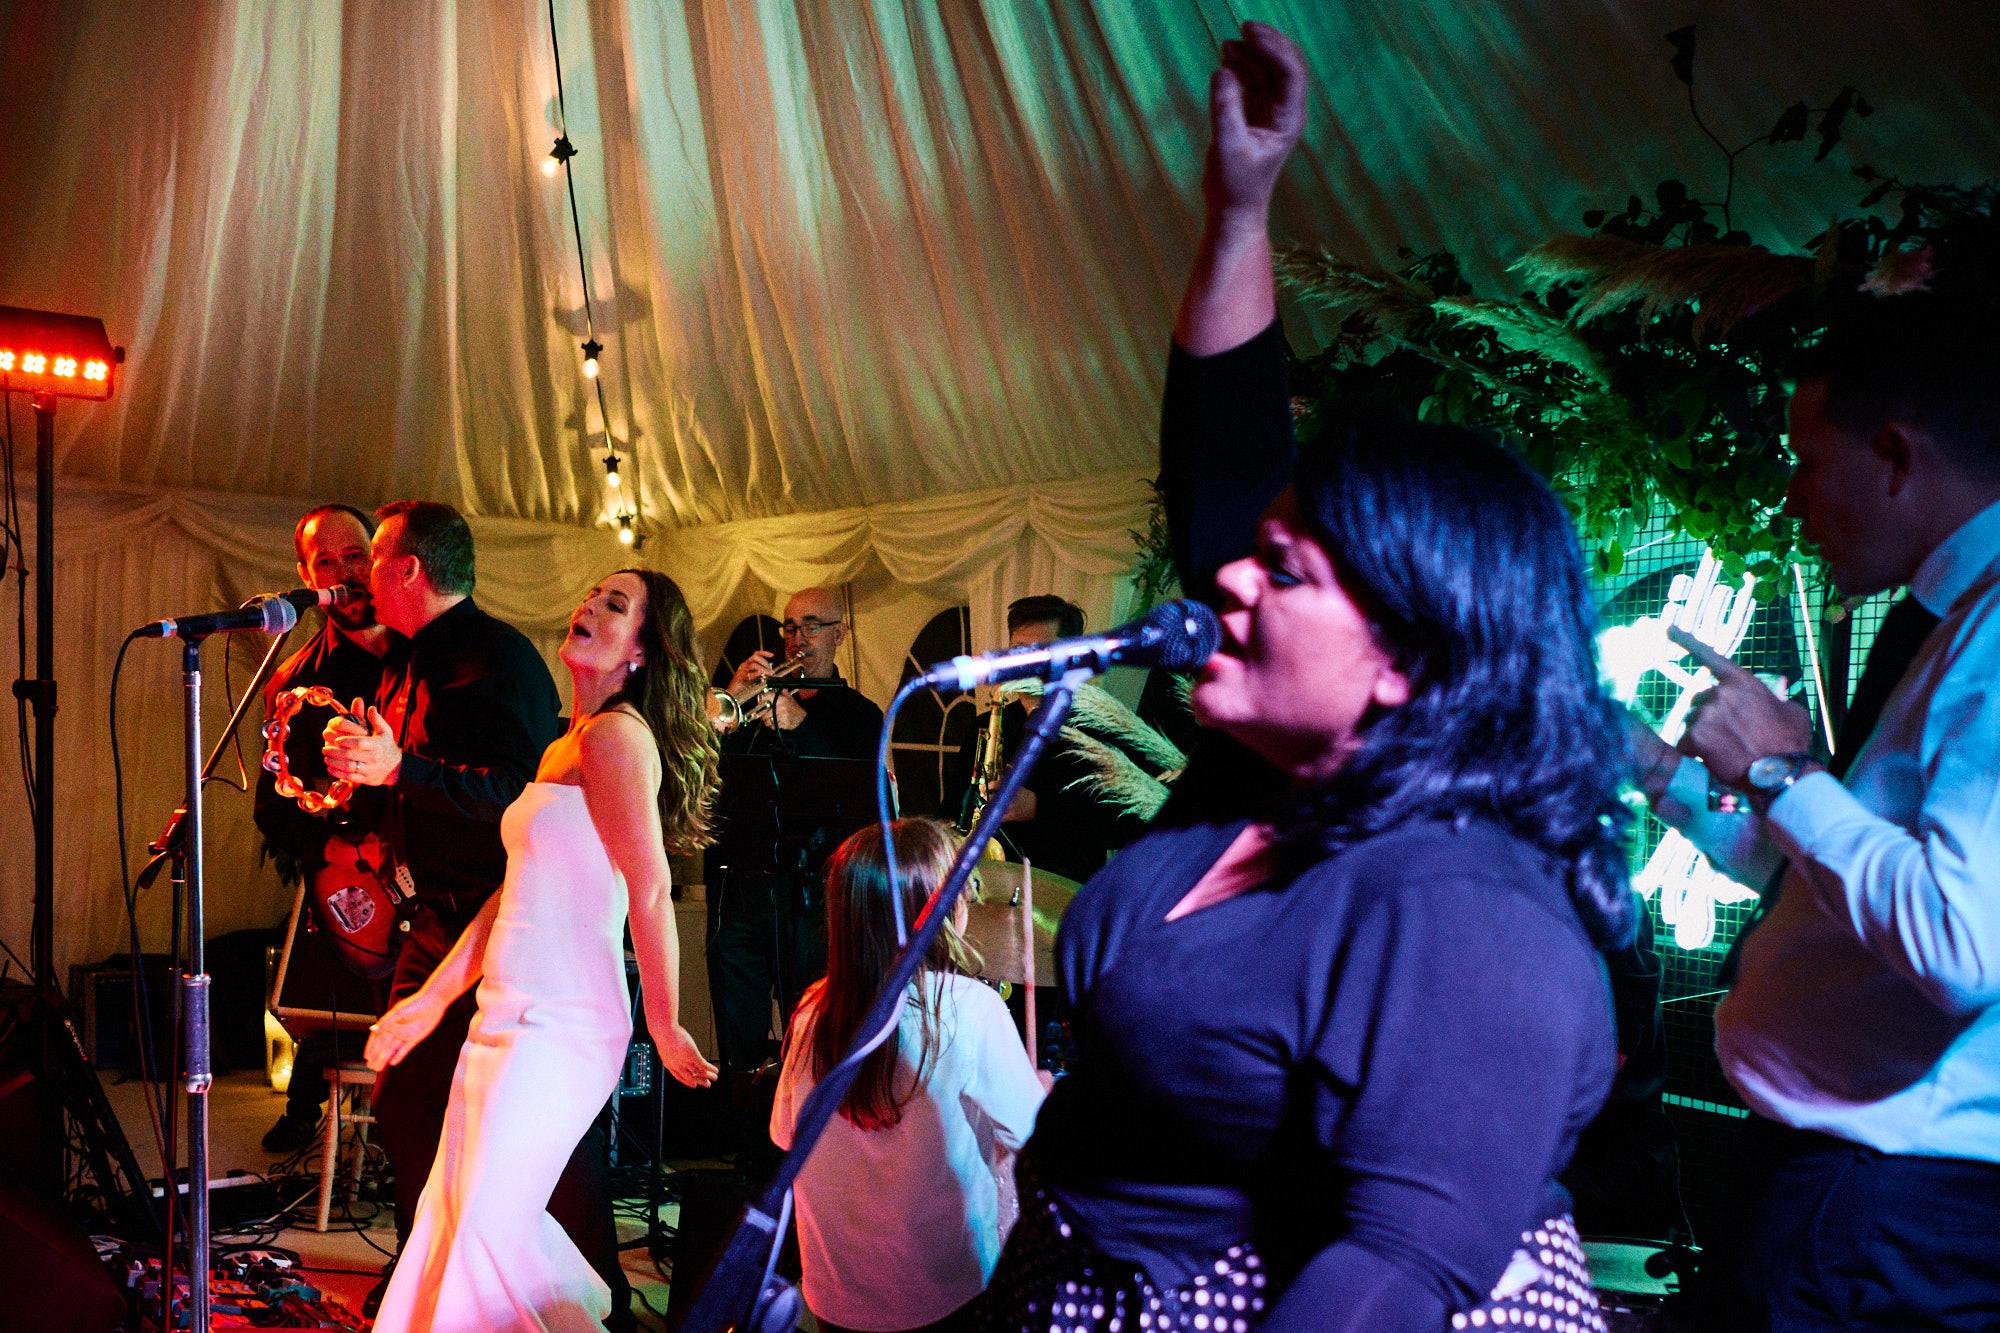 Dungannon bride dances on stage